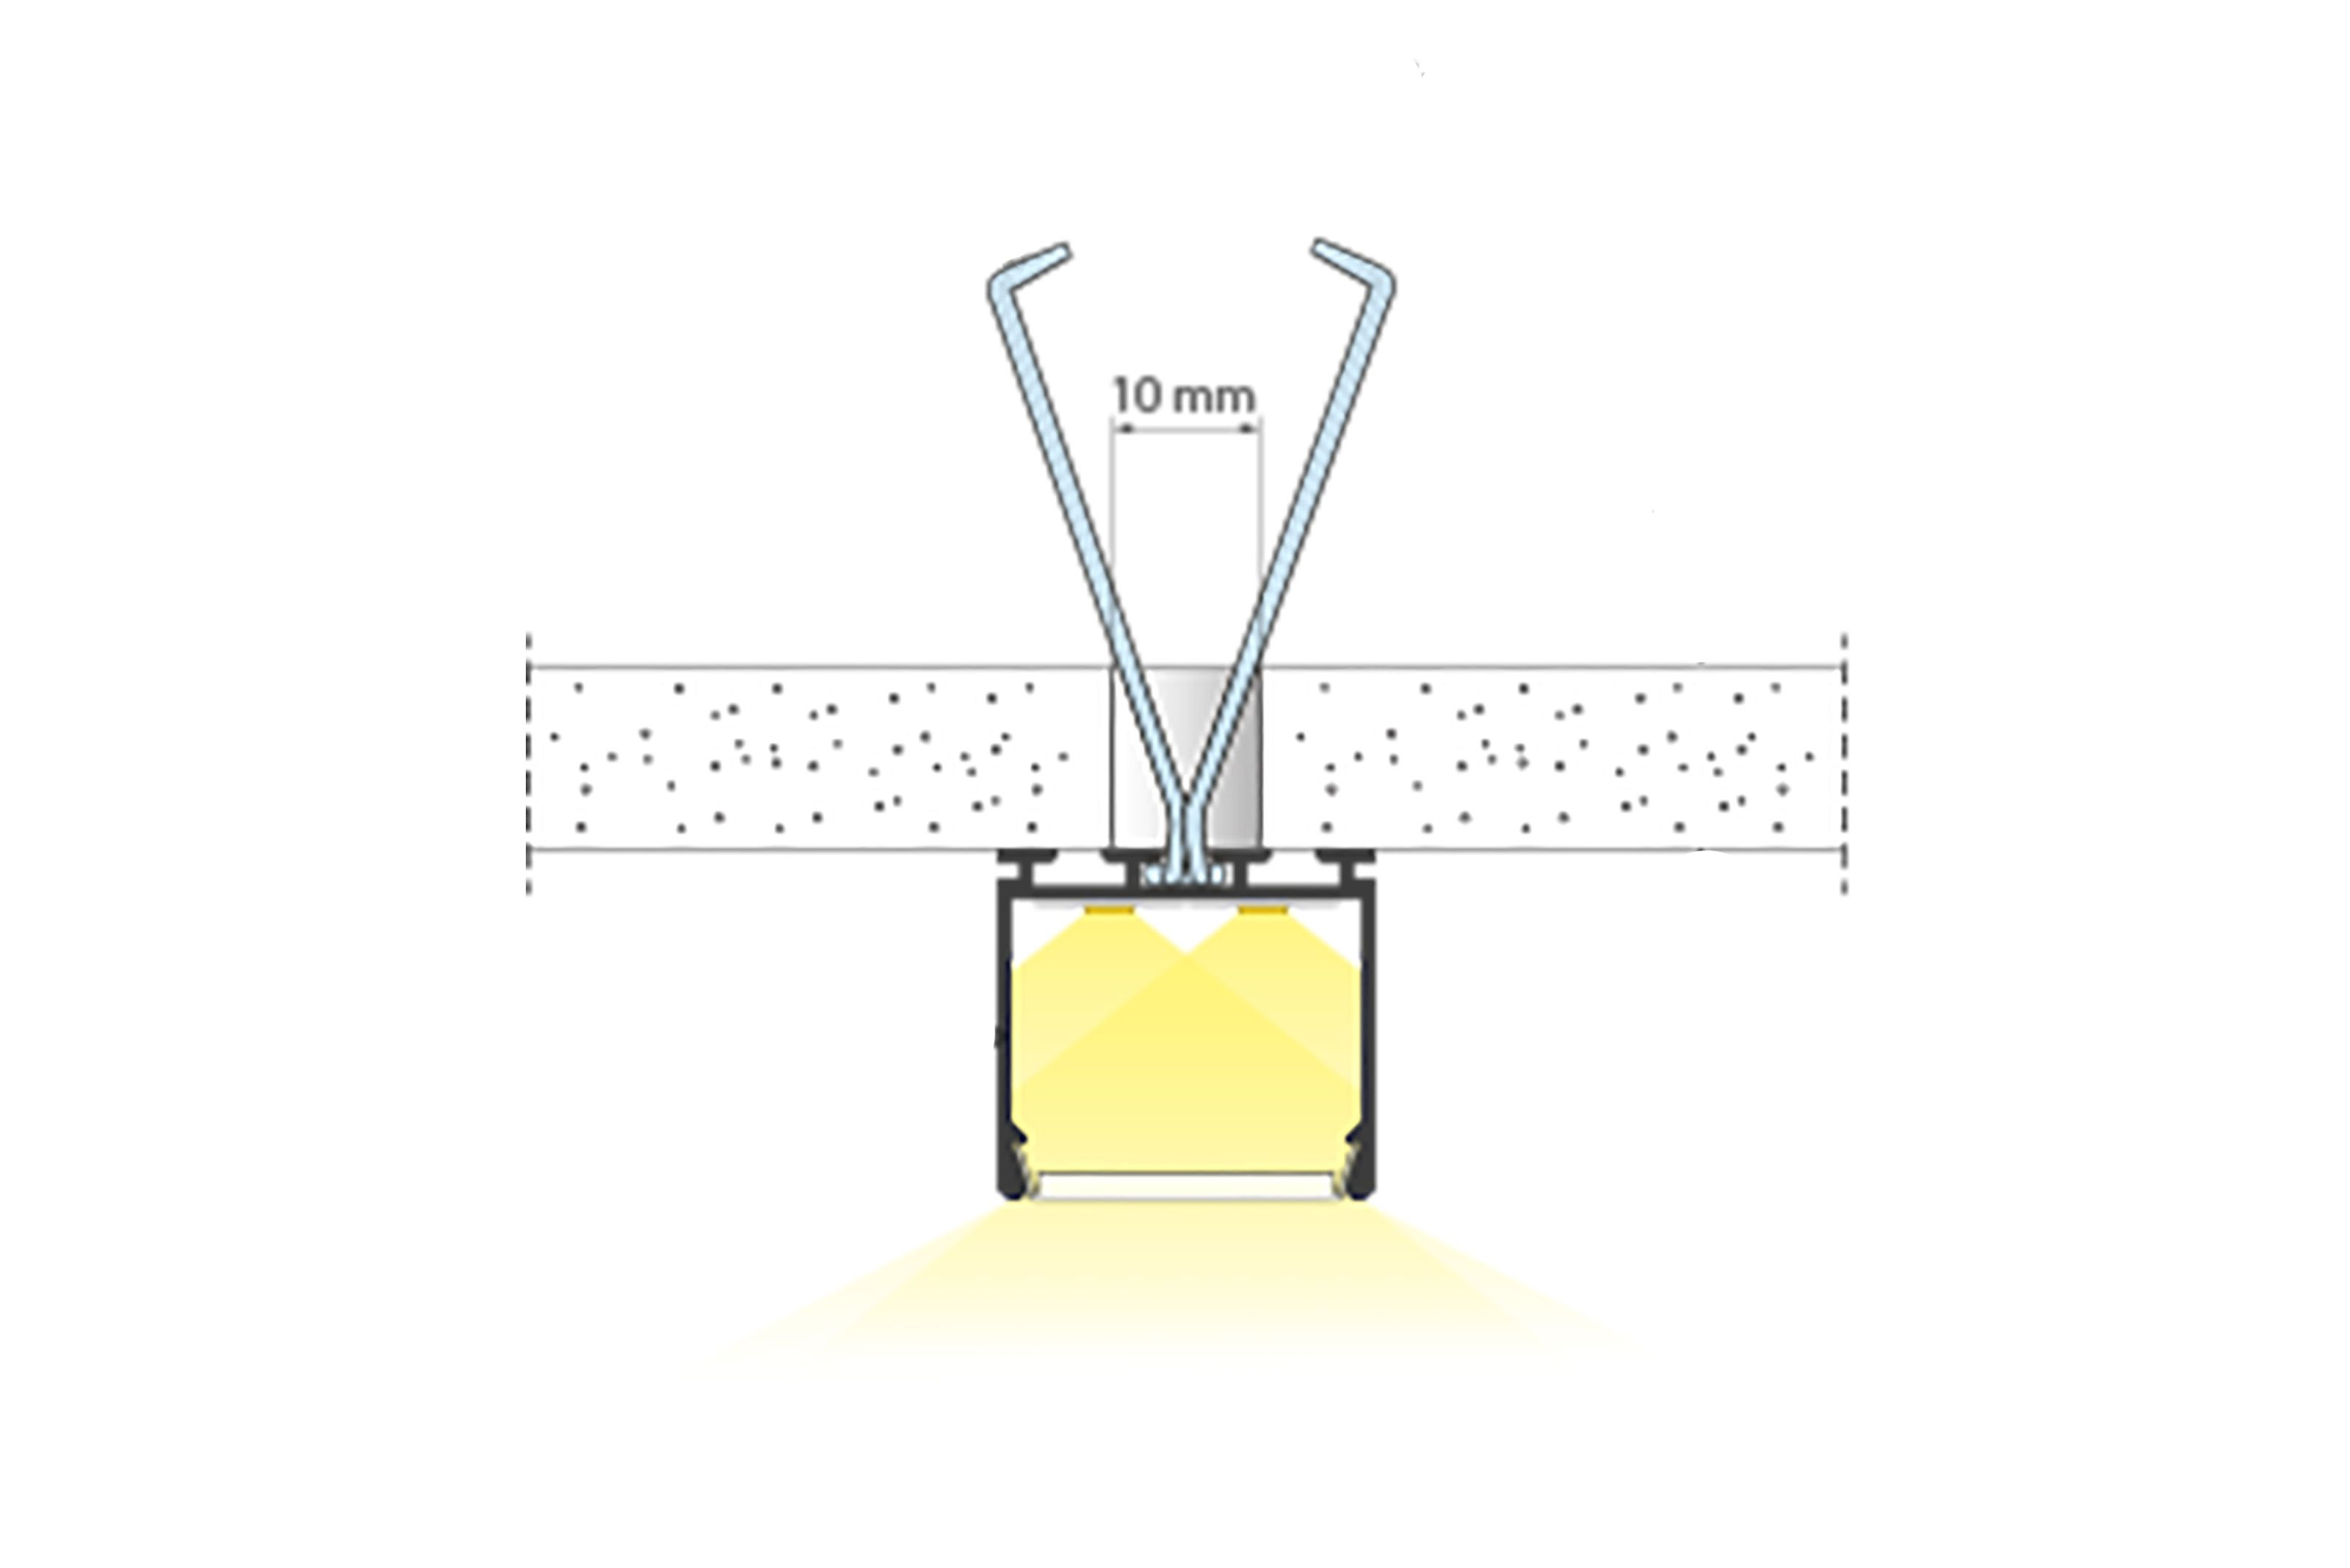 lightline-nf-5-mj-lighting-v2